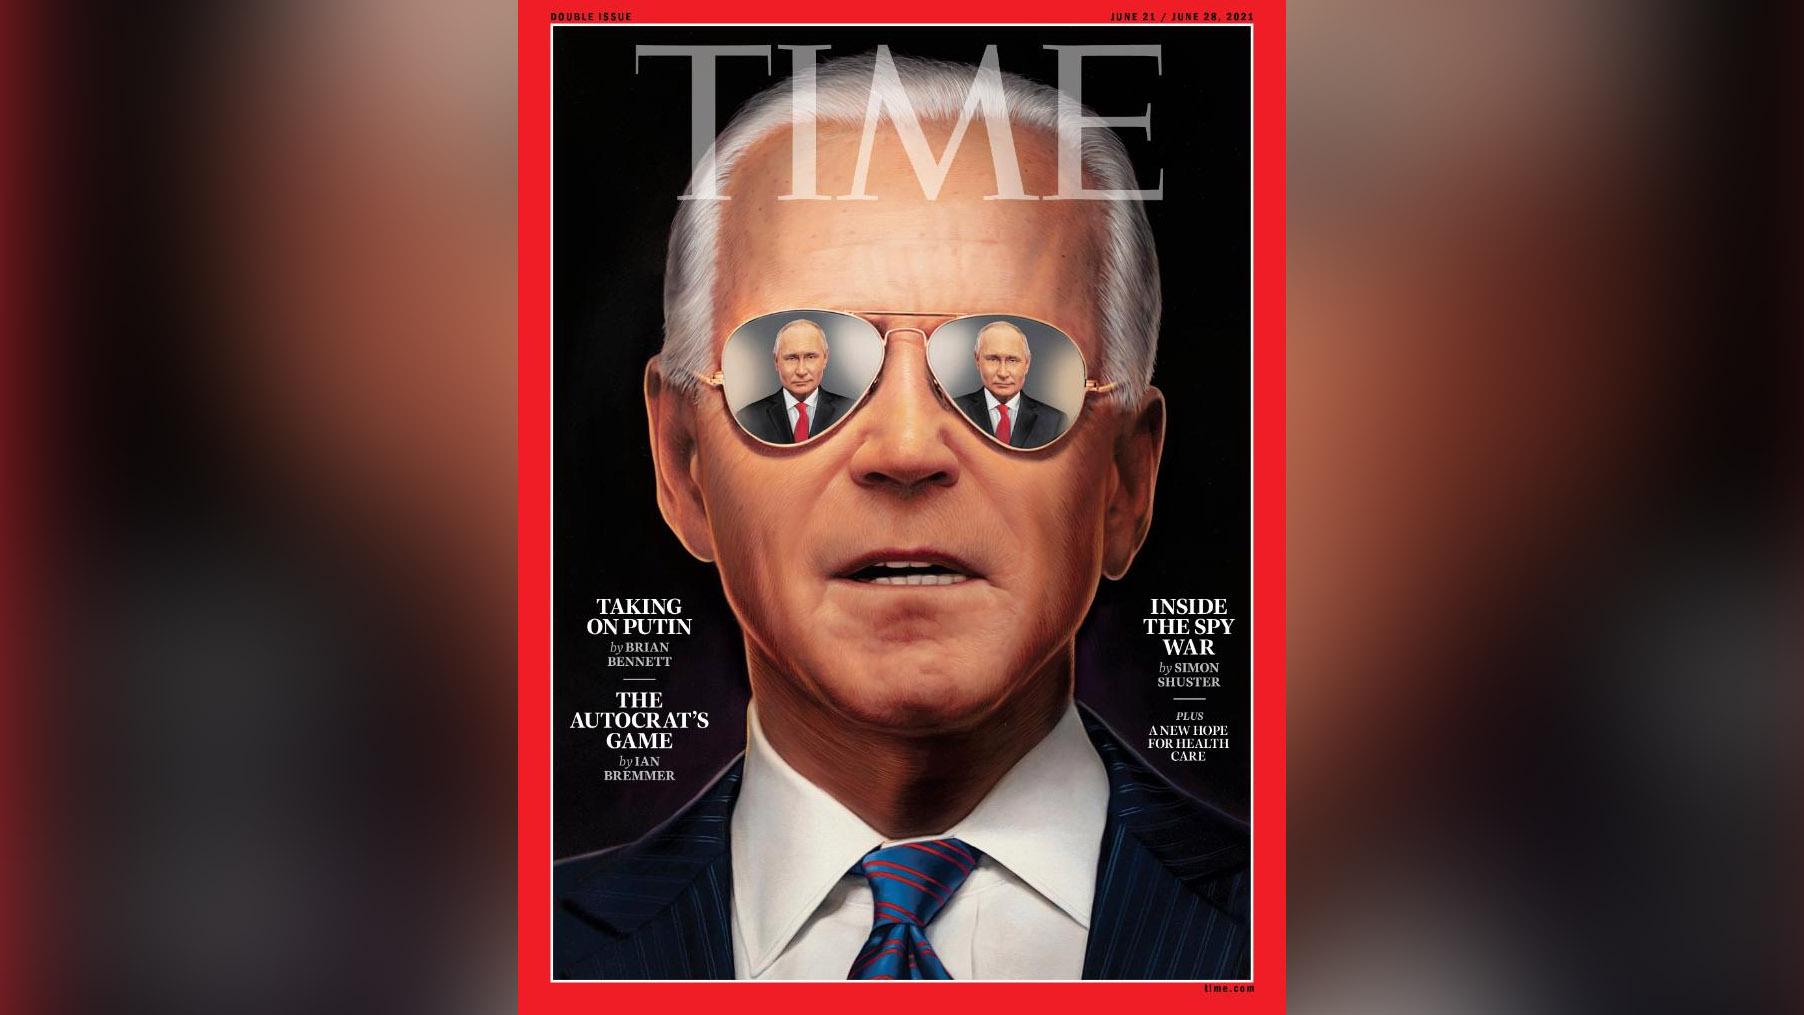 Журнал Time поместил на обложку Путина в глазах Байдена